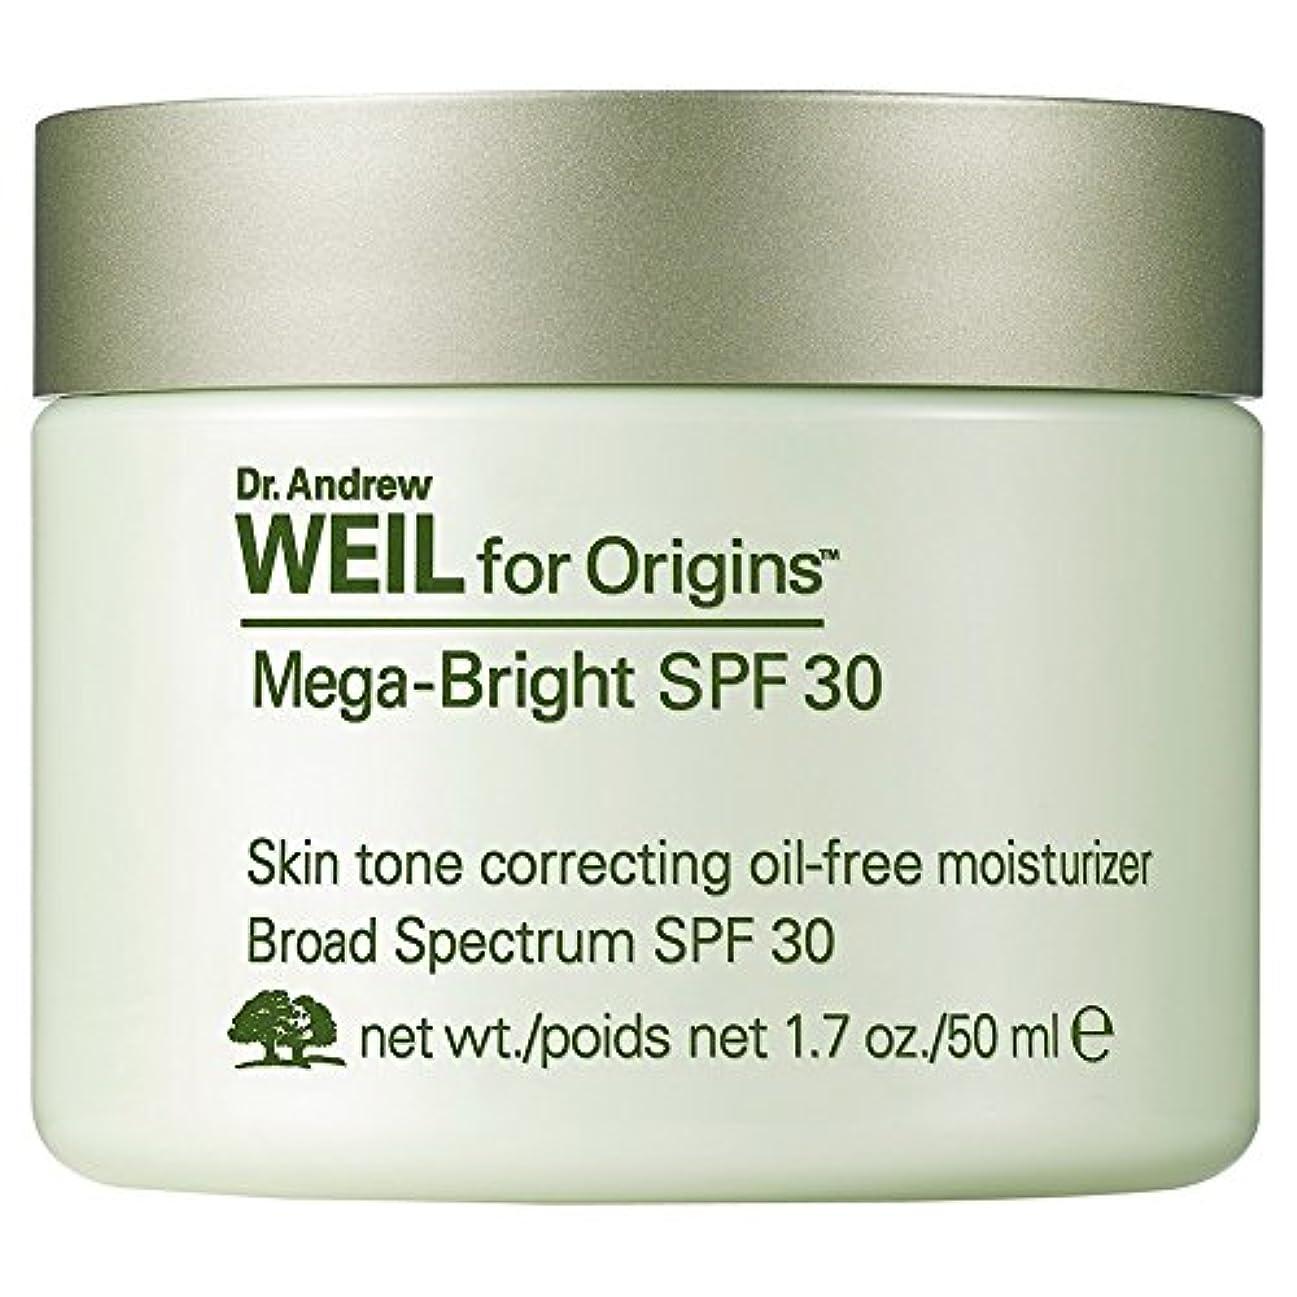 シンカン画面手術Dr。保湿、50ミリリットルの補正アンドルー?ワイルメガブライトSpf30の肌のトーン (Origins) - Dr. Andrew Weil Mega-Bright SPF30 Skin Tone Correcting...